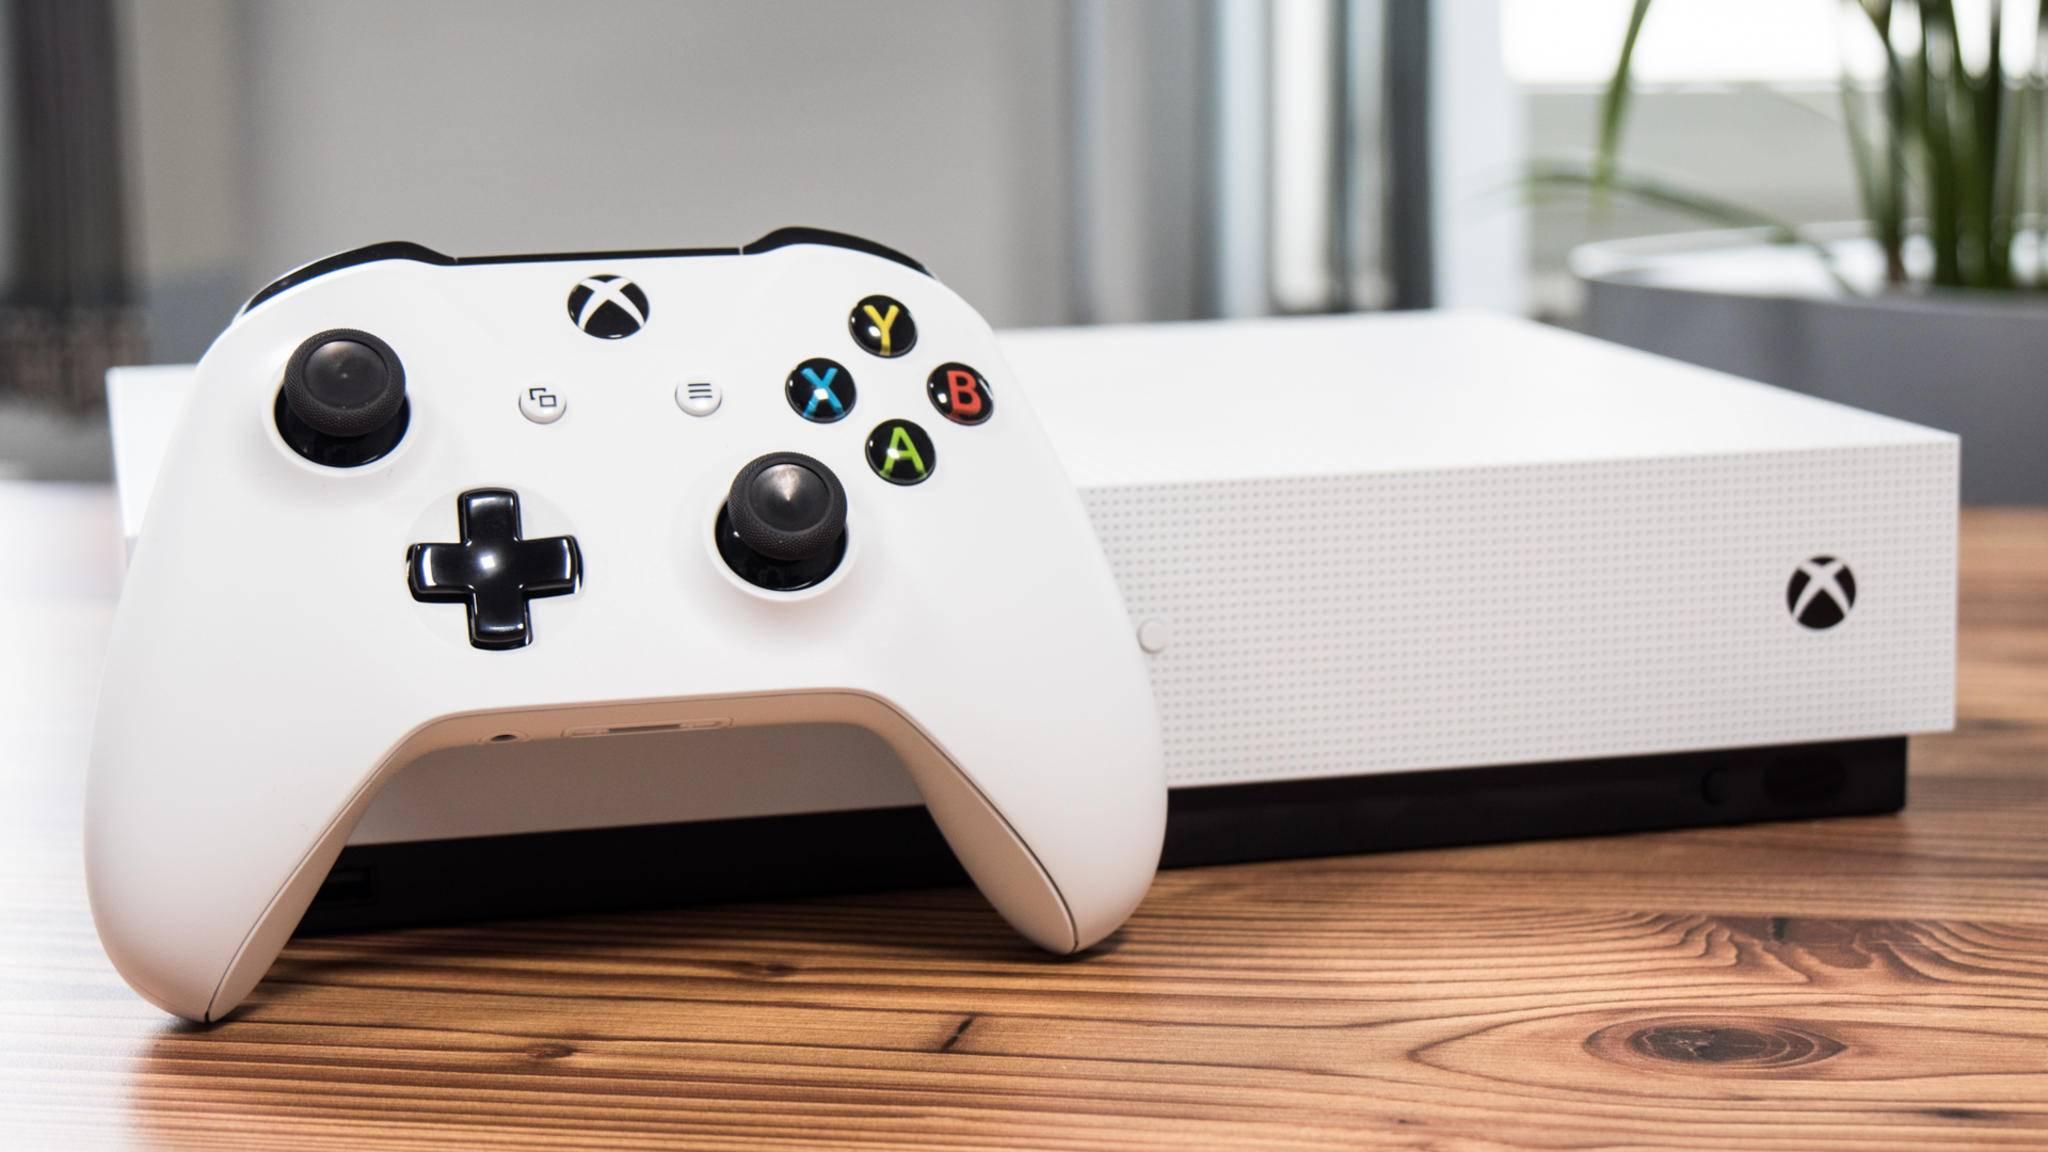 Das Programm Kodi läuft bald nicht nur auf Laptops, sondern auch auf der Xbox One.